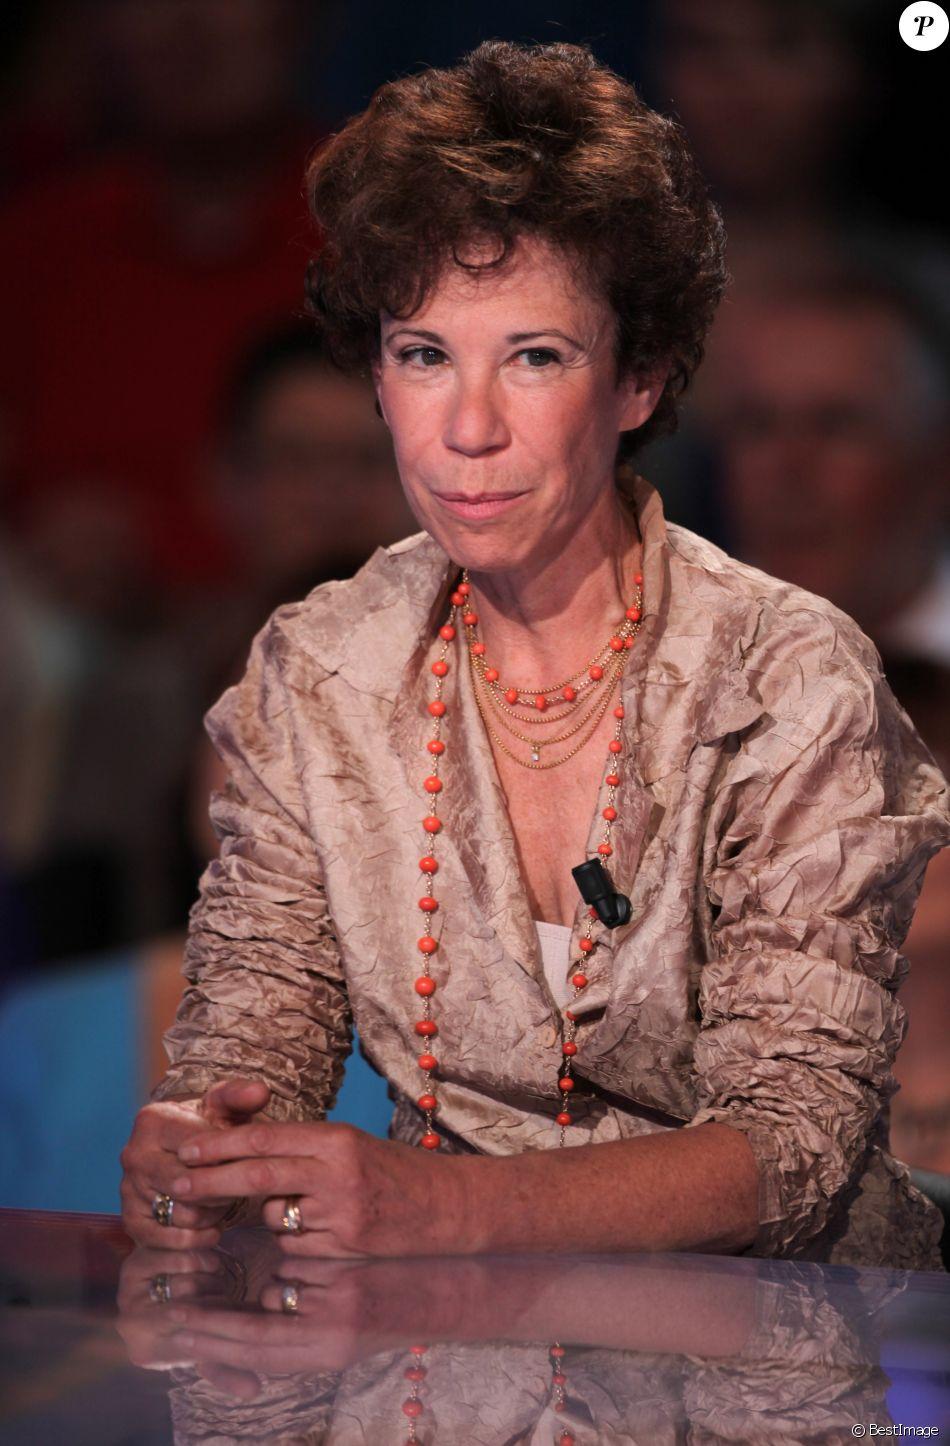 """Exclusif - Véronique Colucci - Emission """"Vendredi sur un plateau"""" diffusée sur France 3 le 9 septembre 2011."""